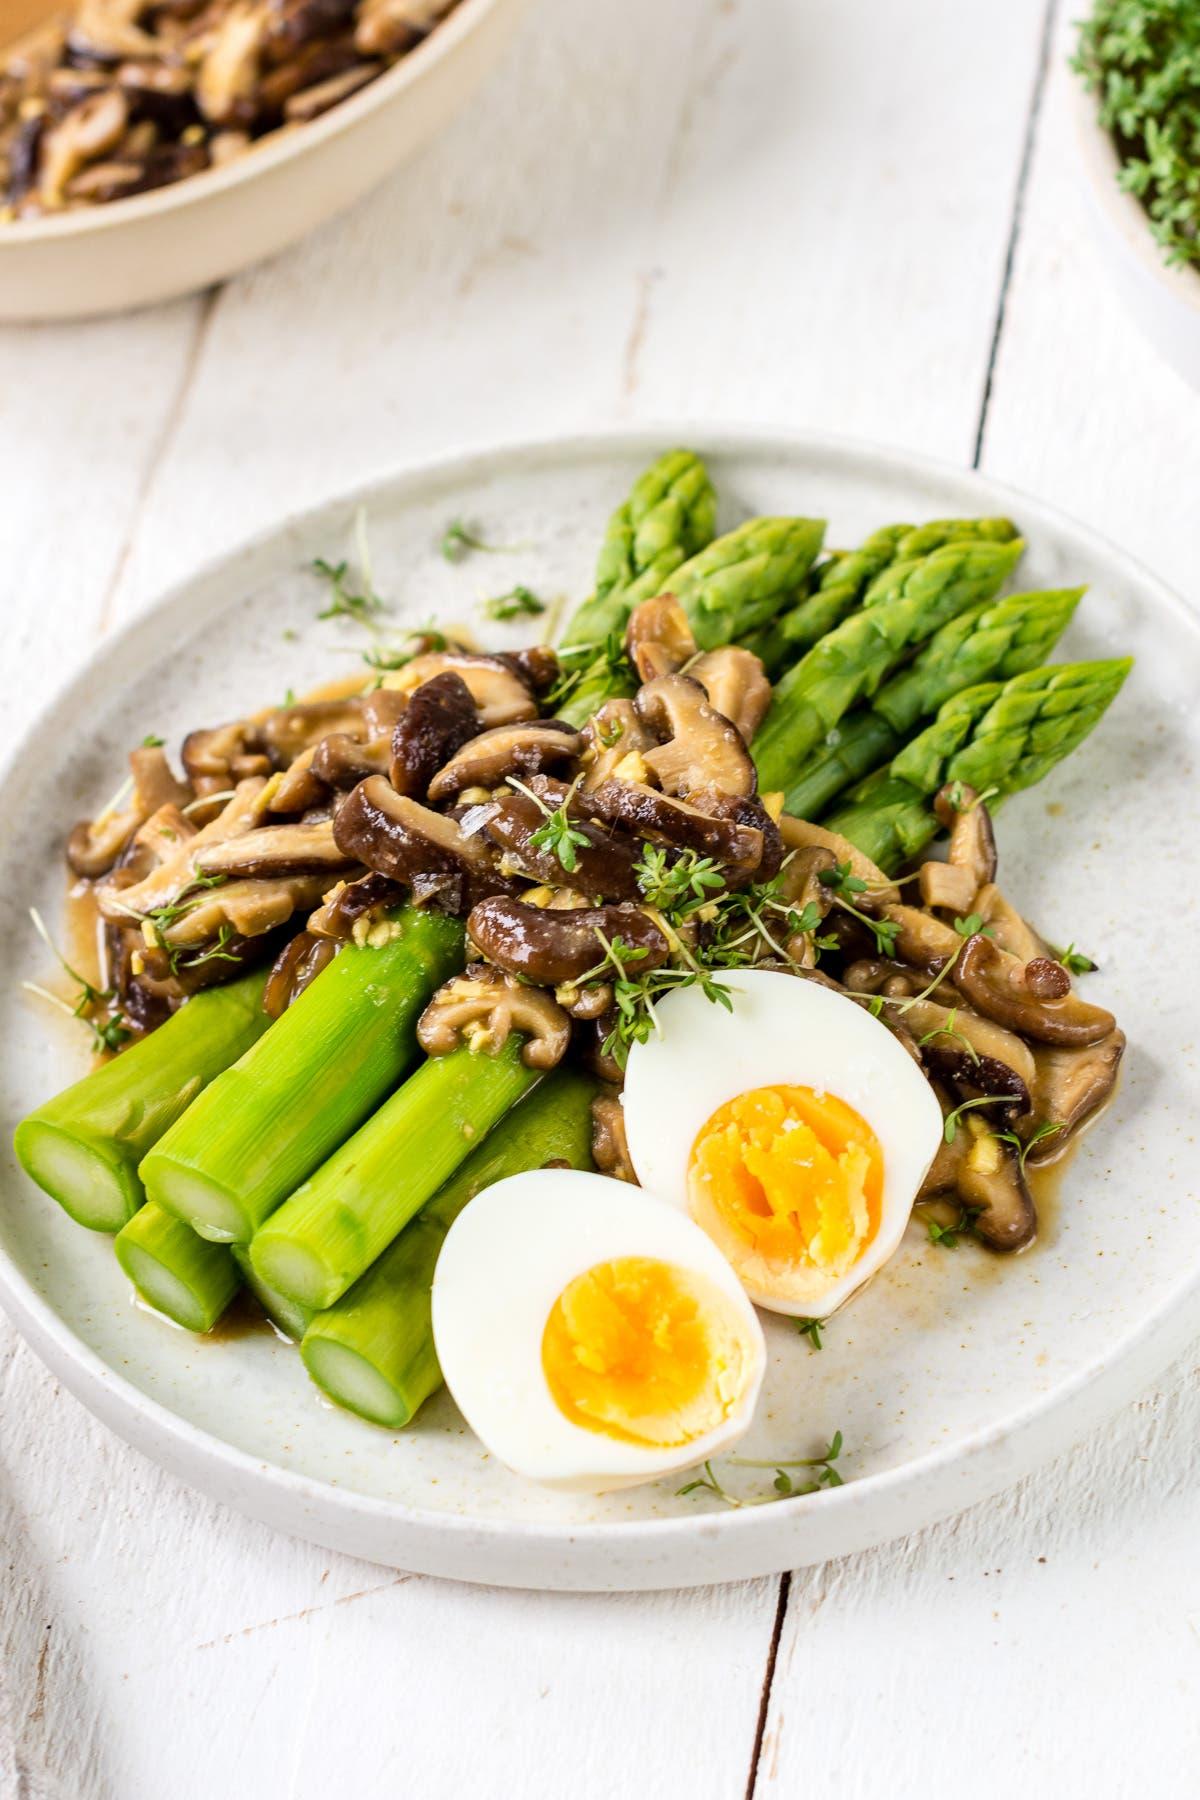 Teller mit Spargelsalat und Pilzen und gekochten Eiern auf einem weißem Teller.